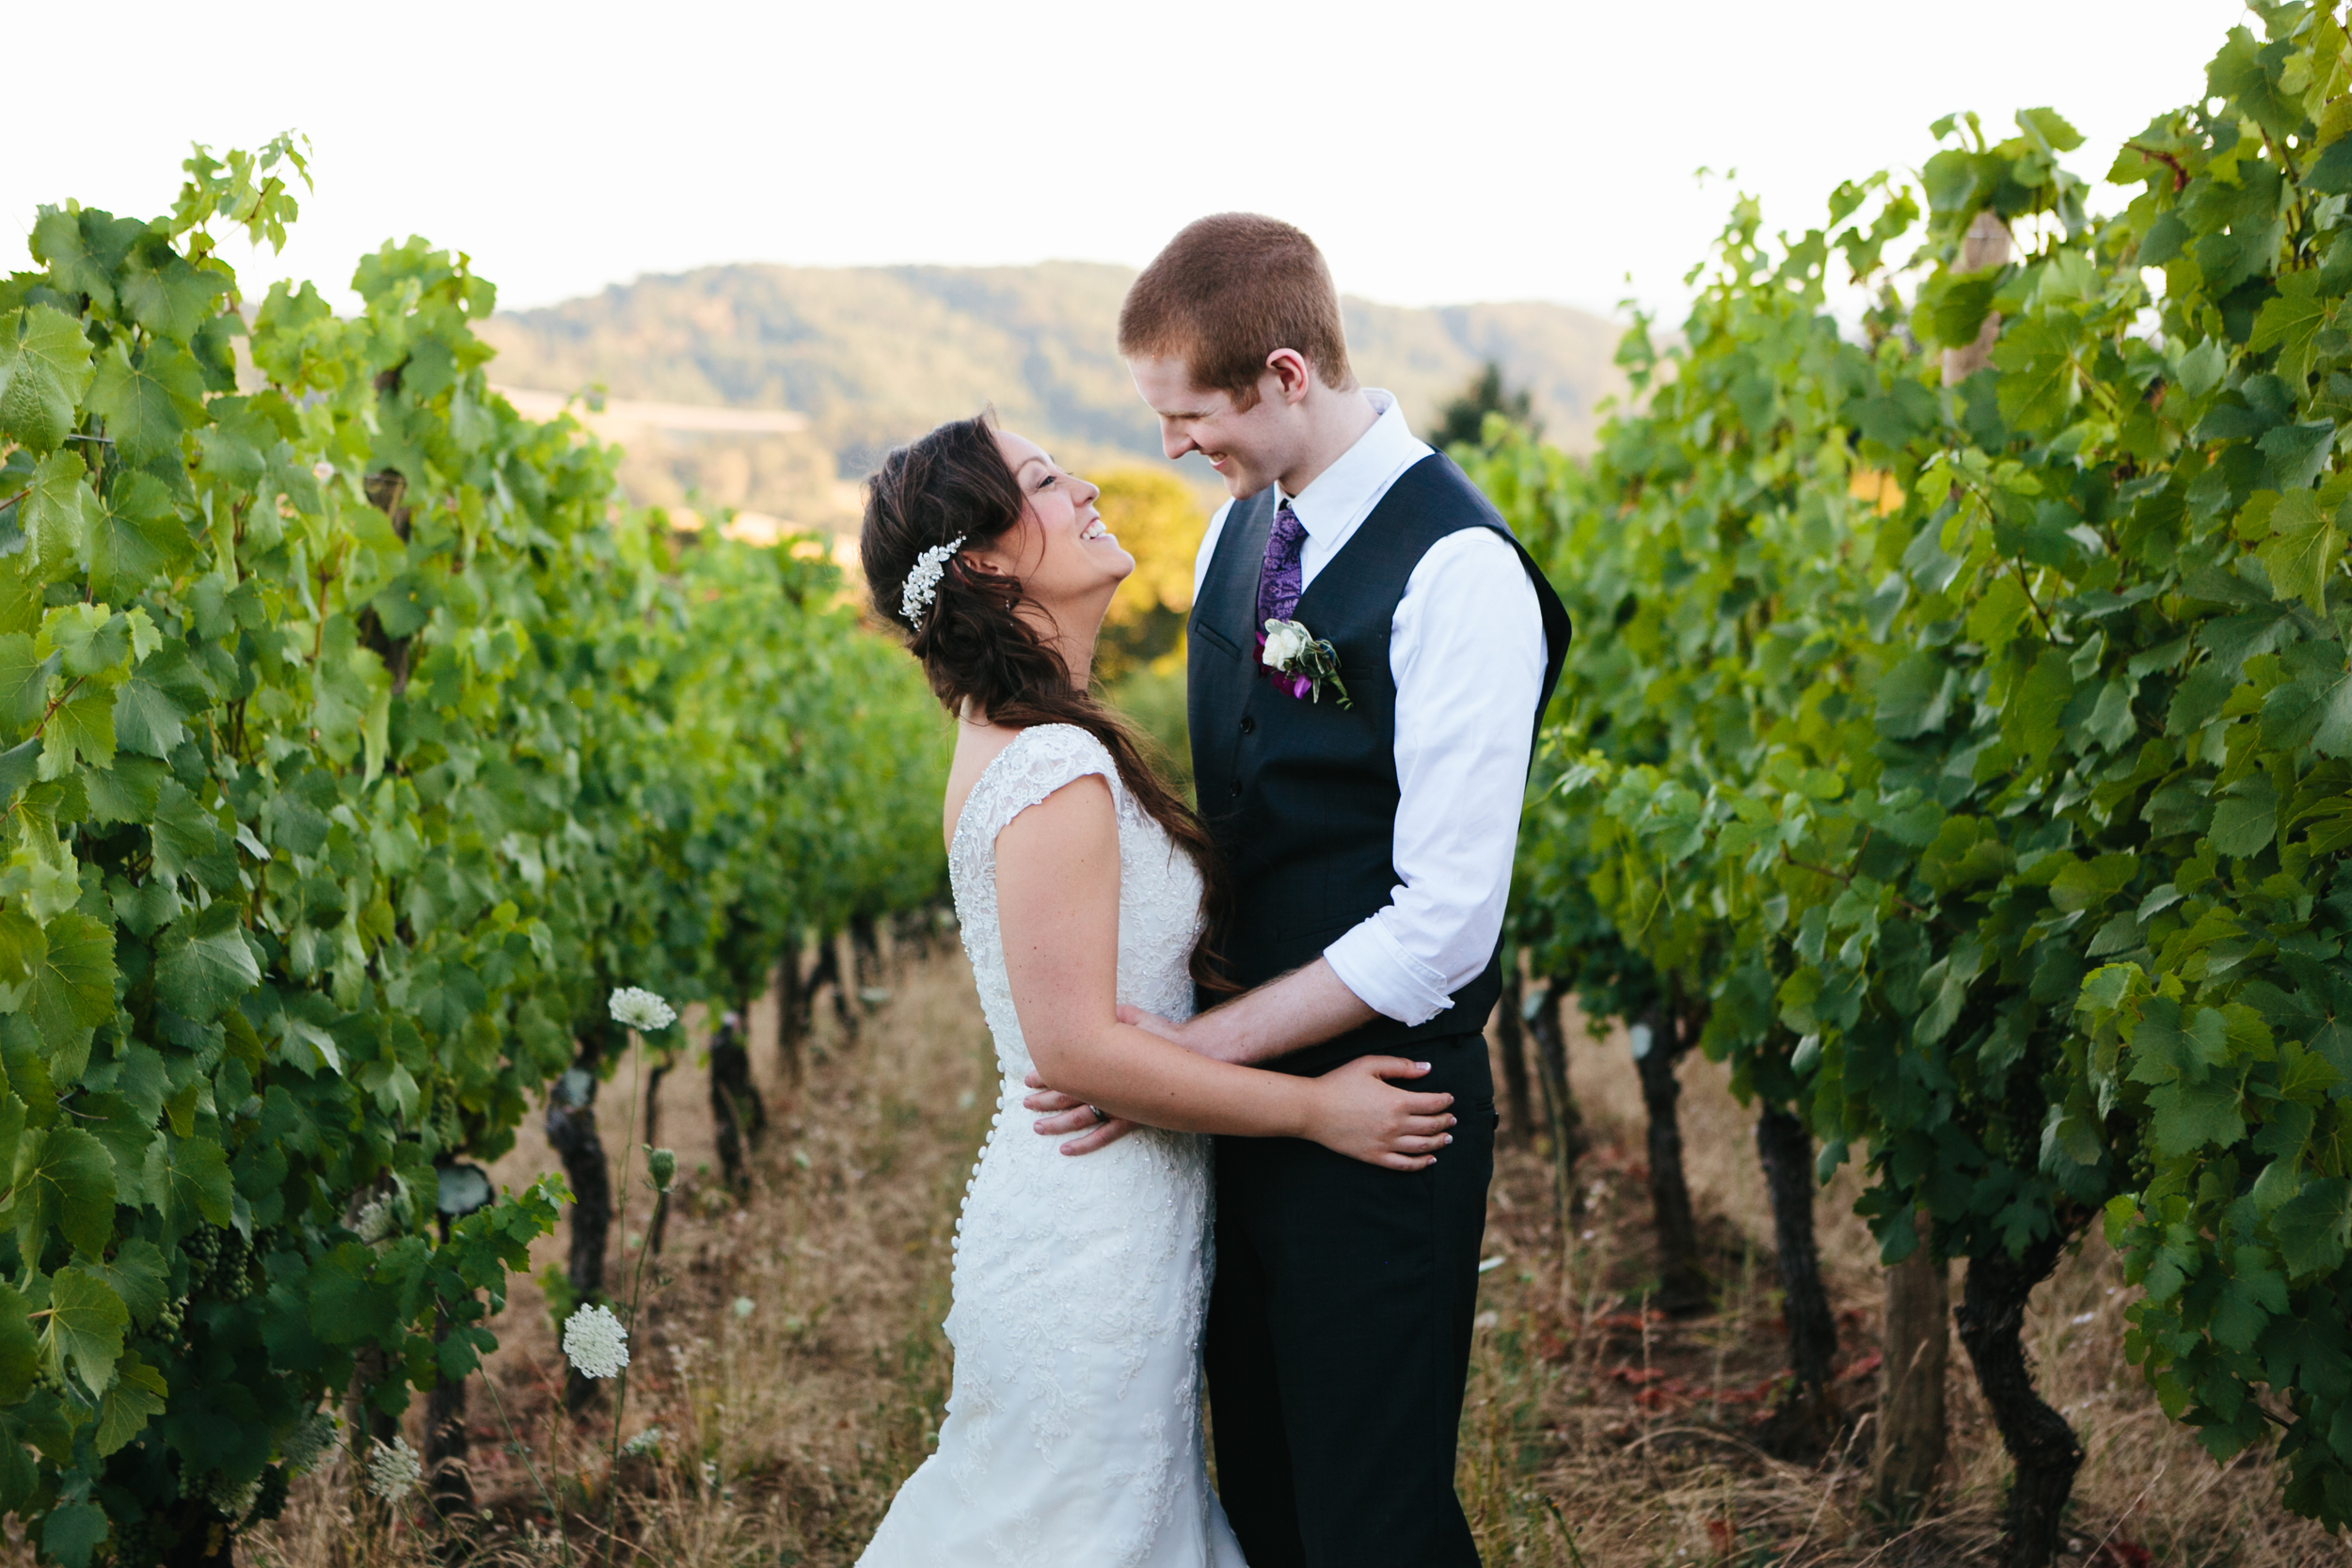 youngberg hill winery, portland Oregon Wedding (49).jpg